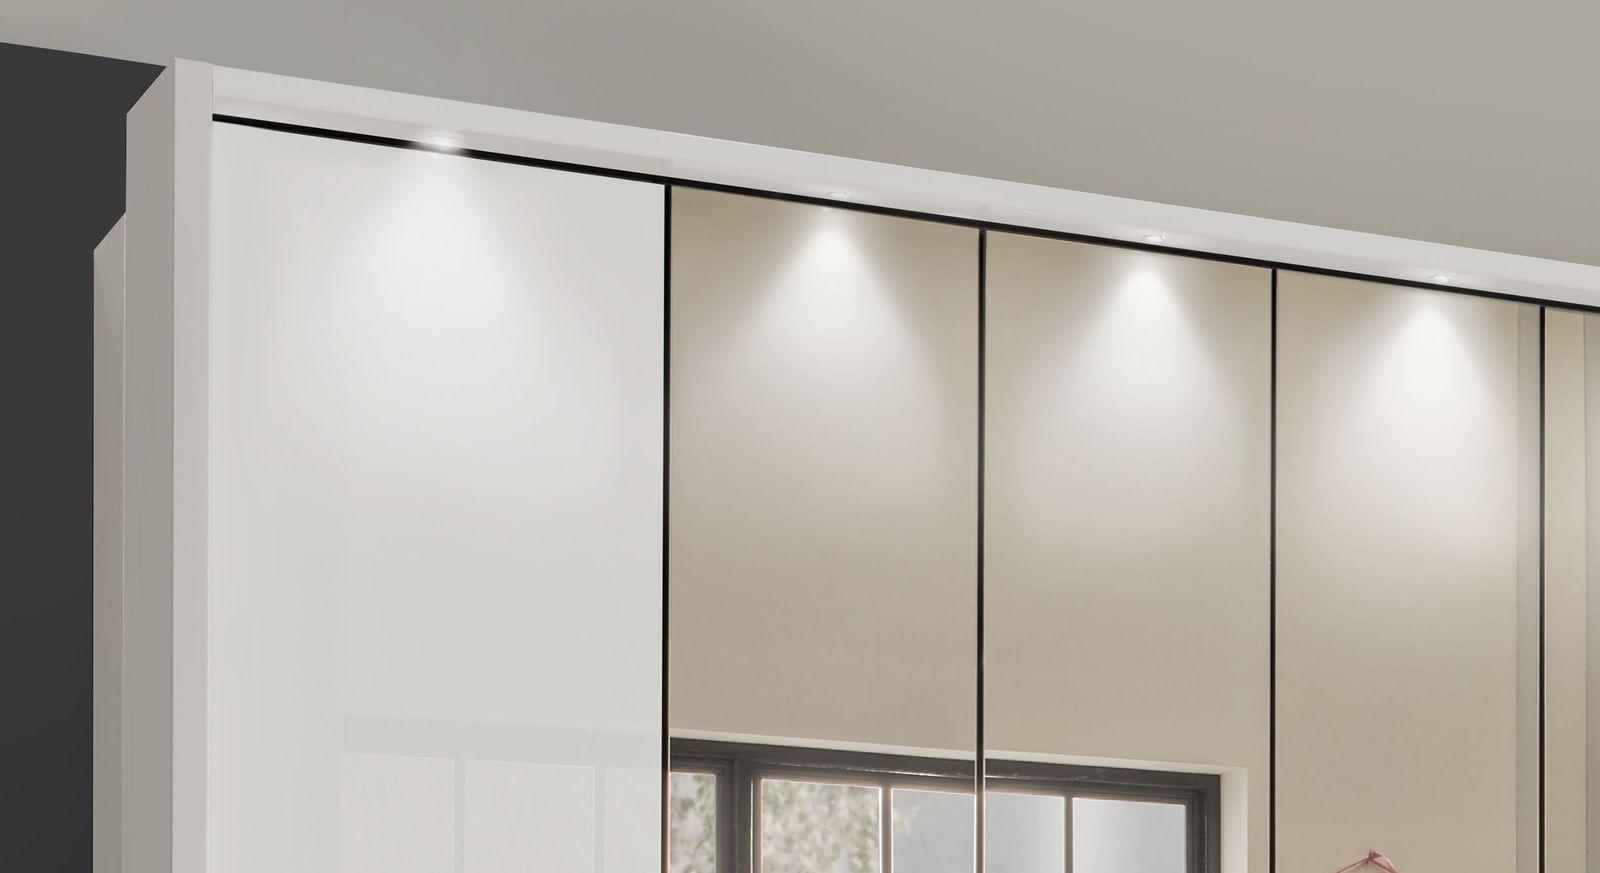 Spiegel-Falttüren-Kleiderschrank Westville mit LED-Spotbeleuchtung